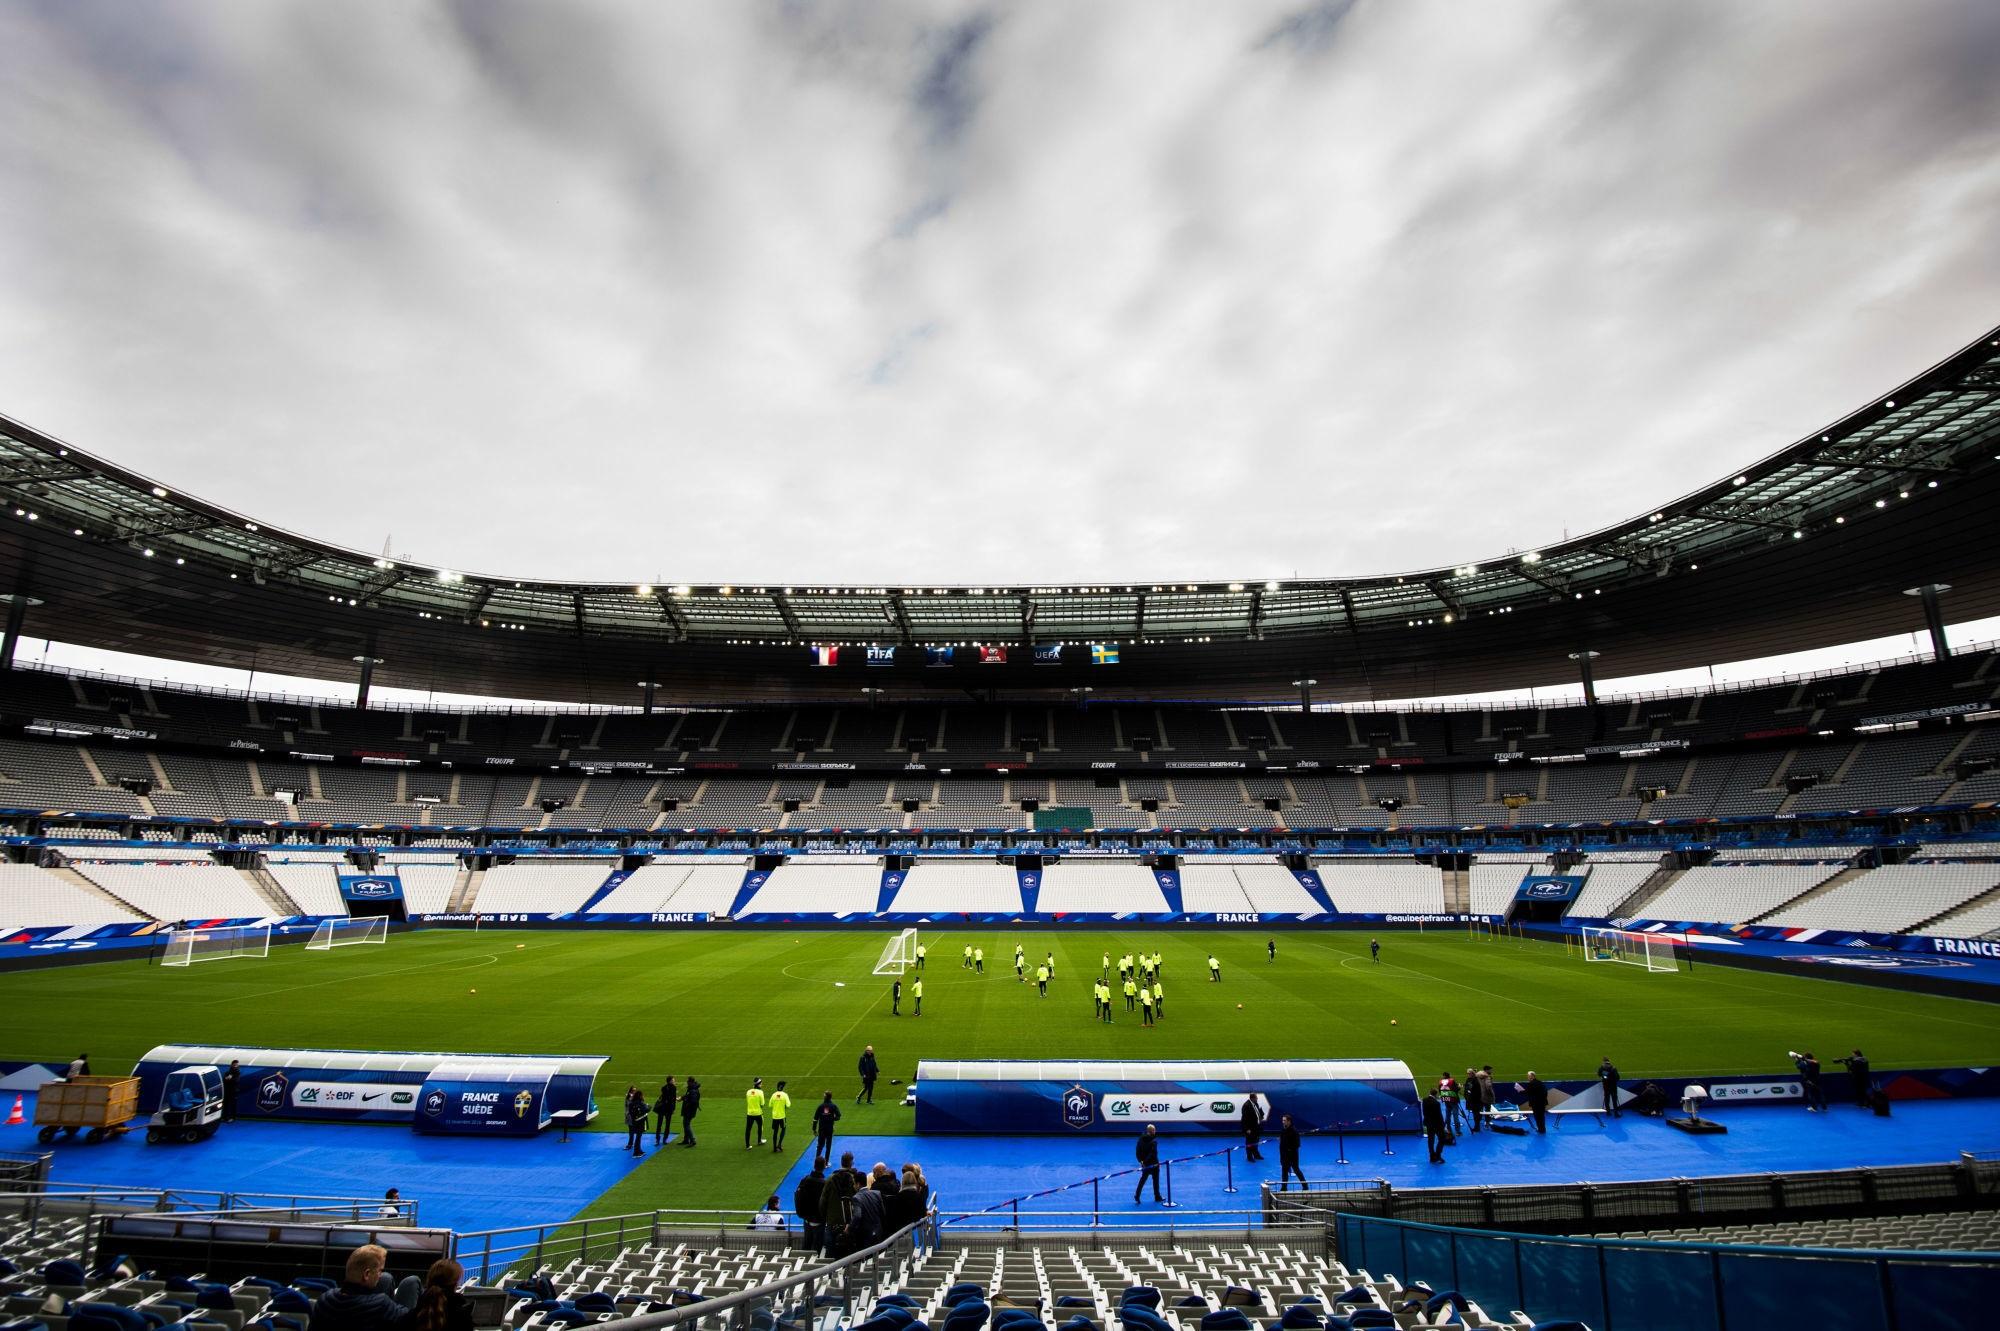 La FFF et la LFP espèrent au moins 20 000 supporters au Stade de France pour les finales